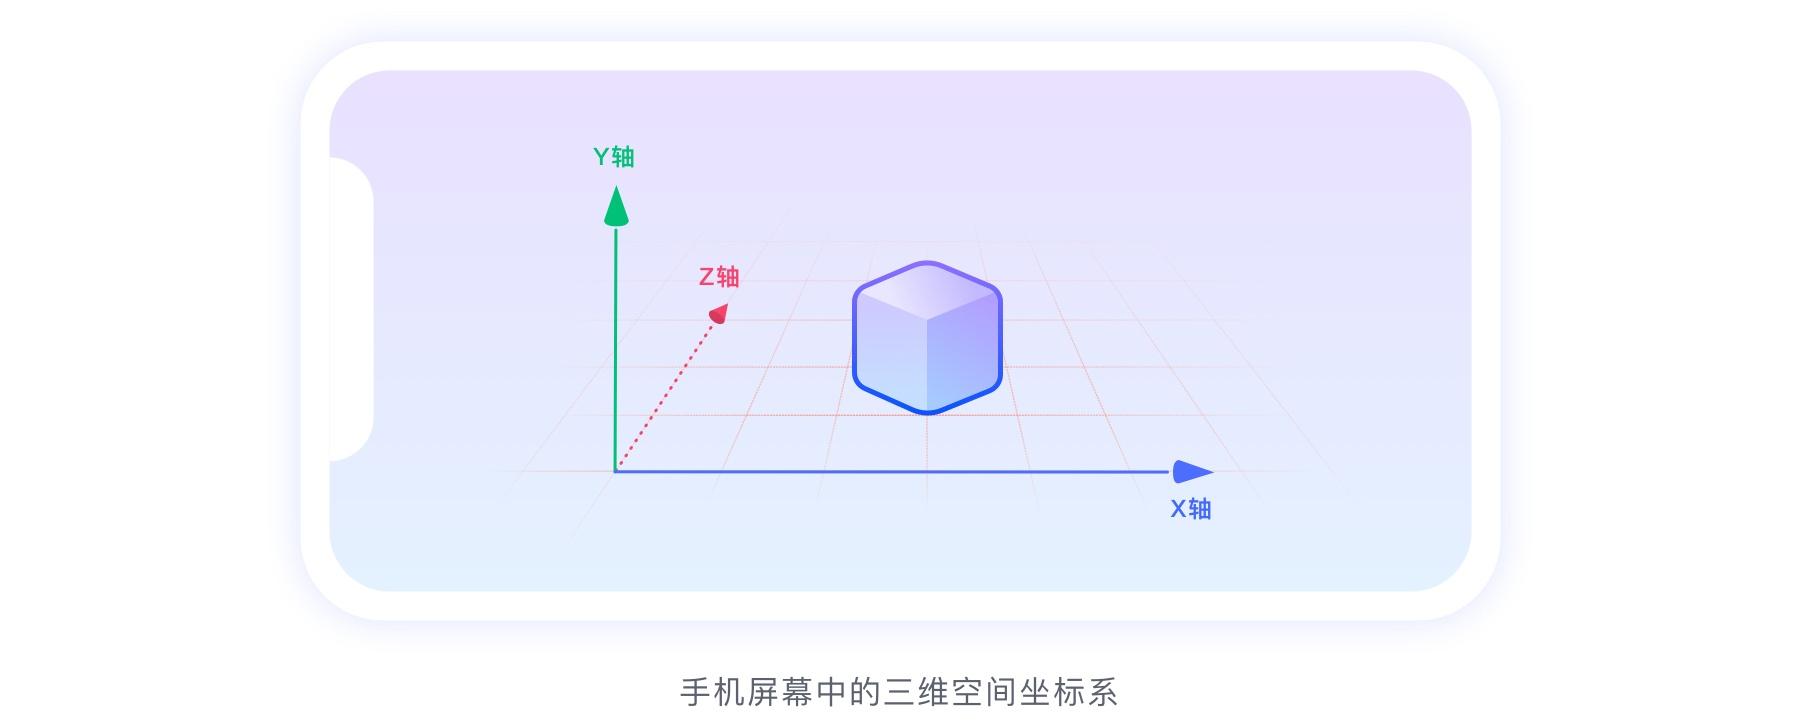 今年超火的放置类AR设计,送你一份大厂出品的设计指南(下)